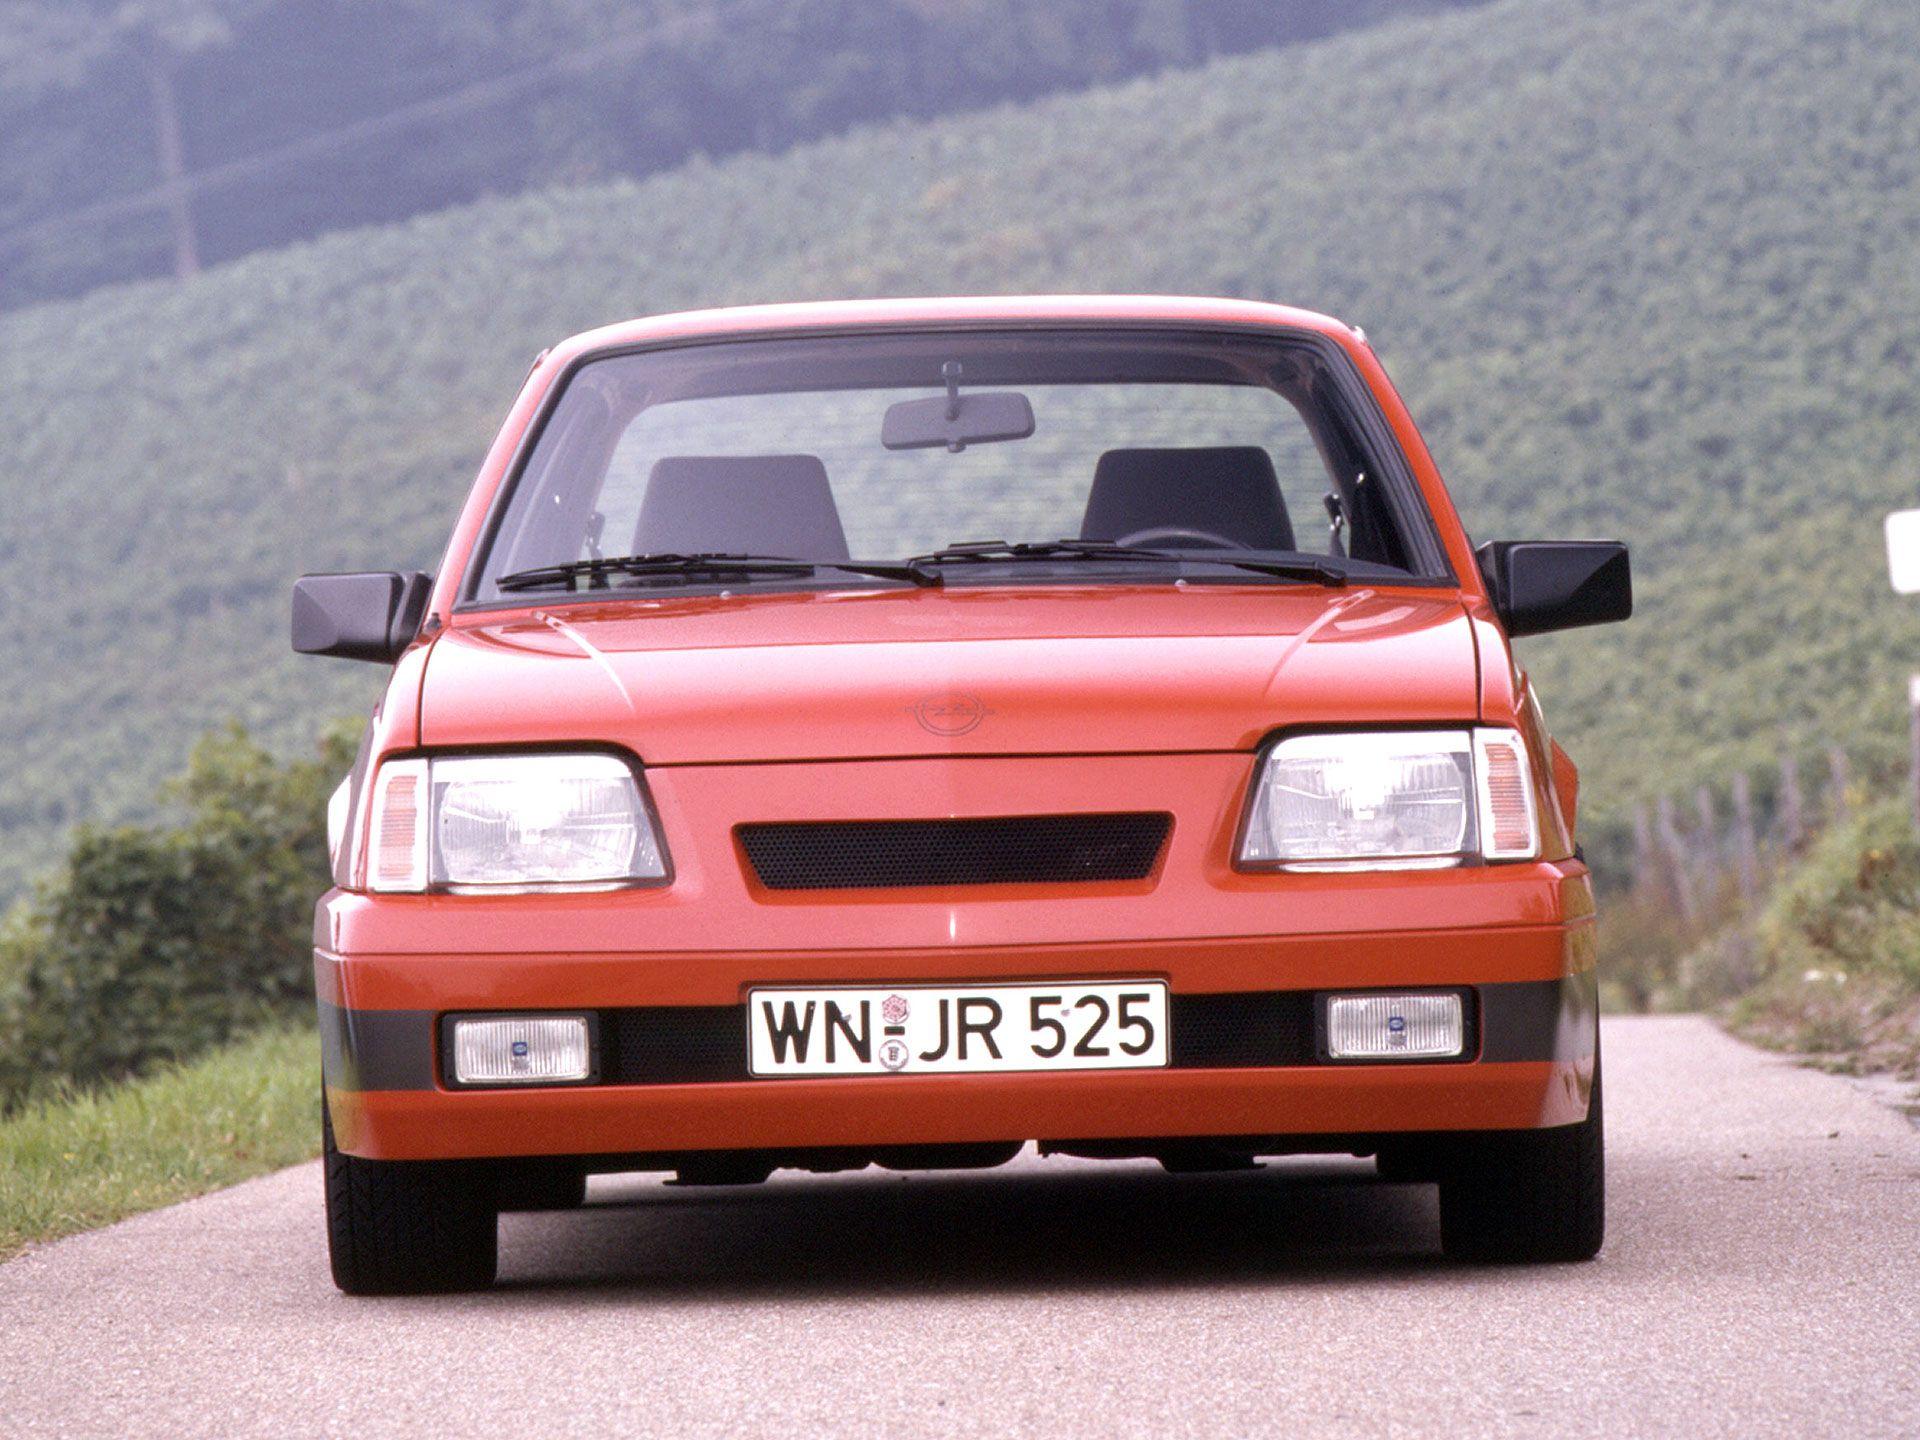 Alter Spint 1987 irmscher opel ascona c sprint cars